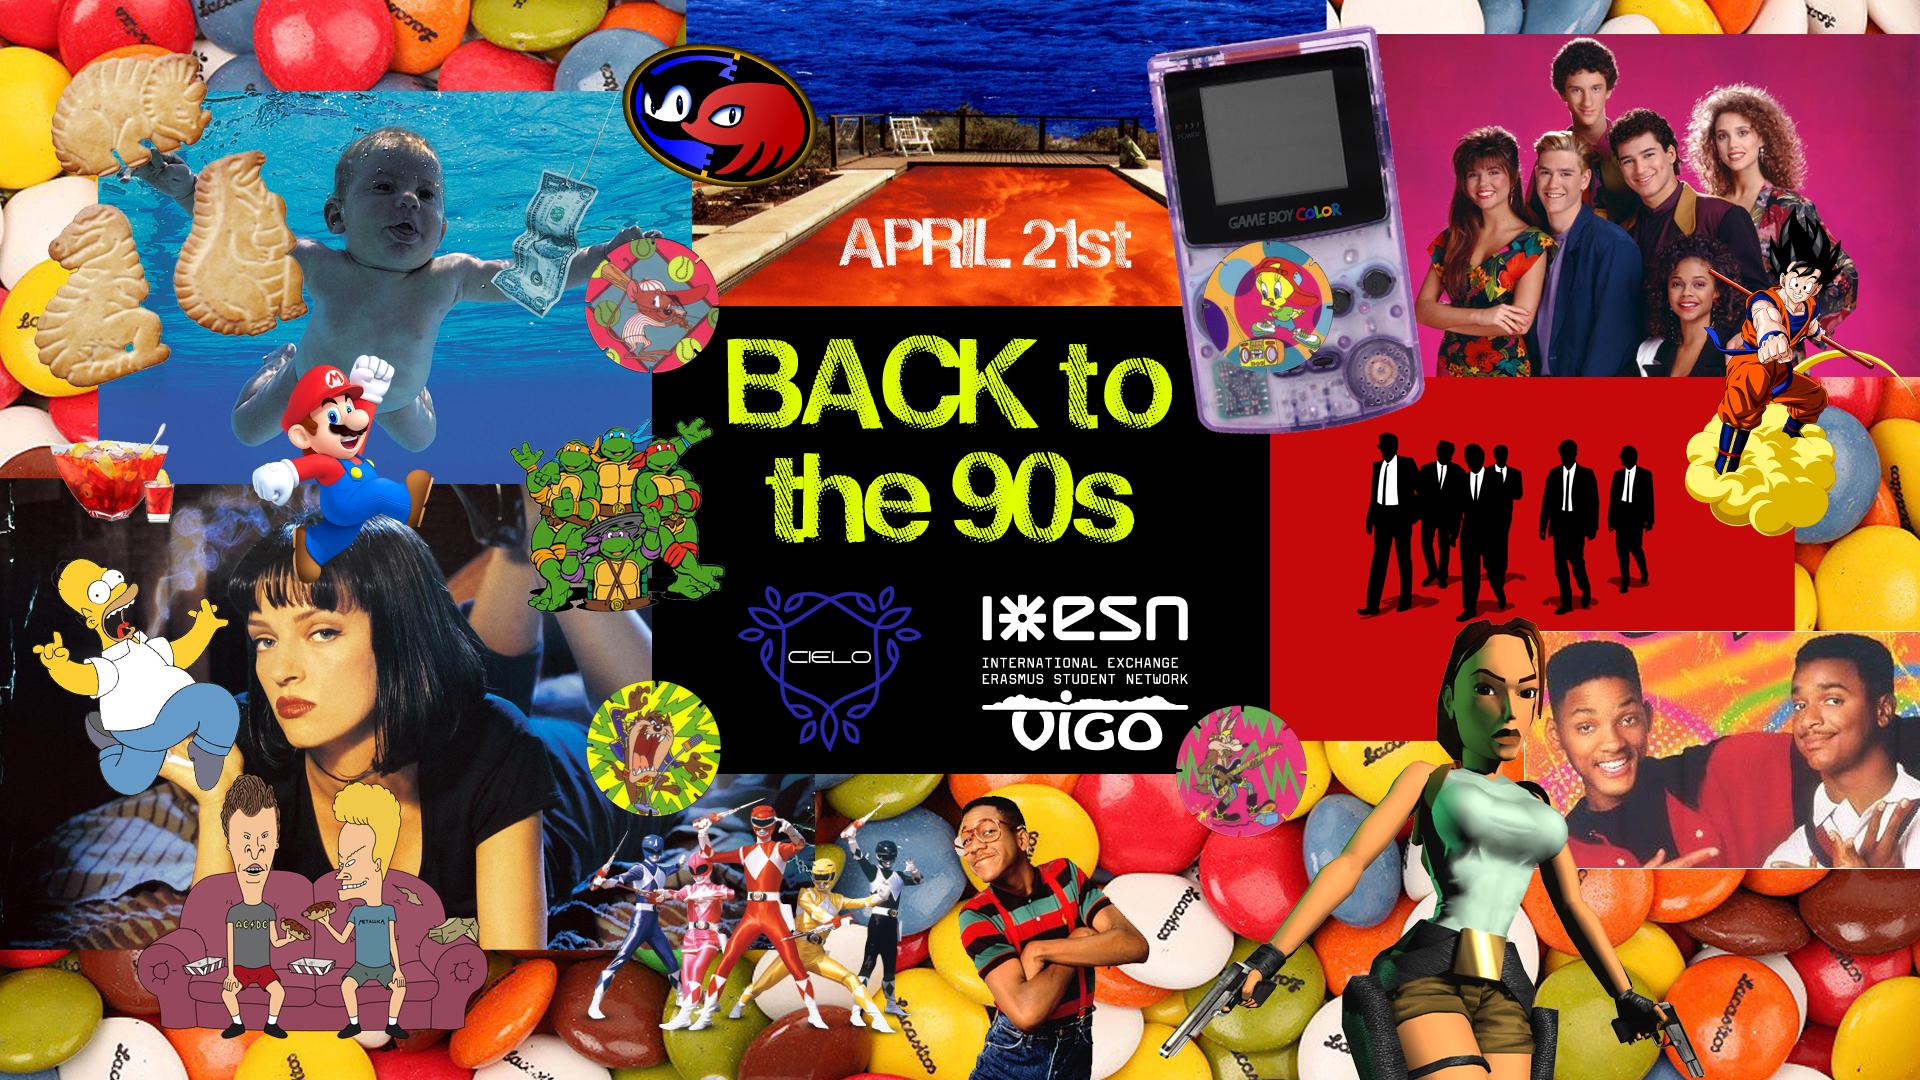 Back To The 90s Party Esn Vigo